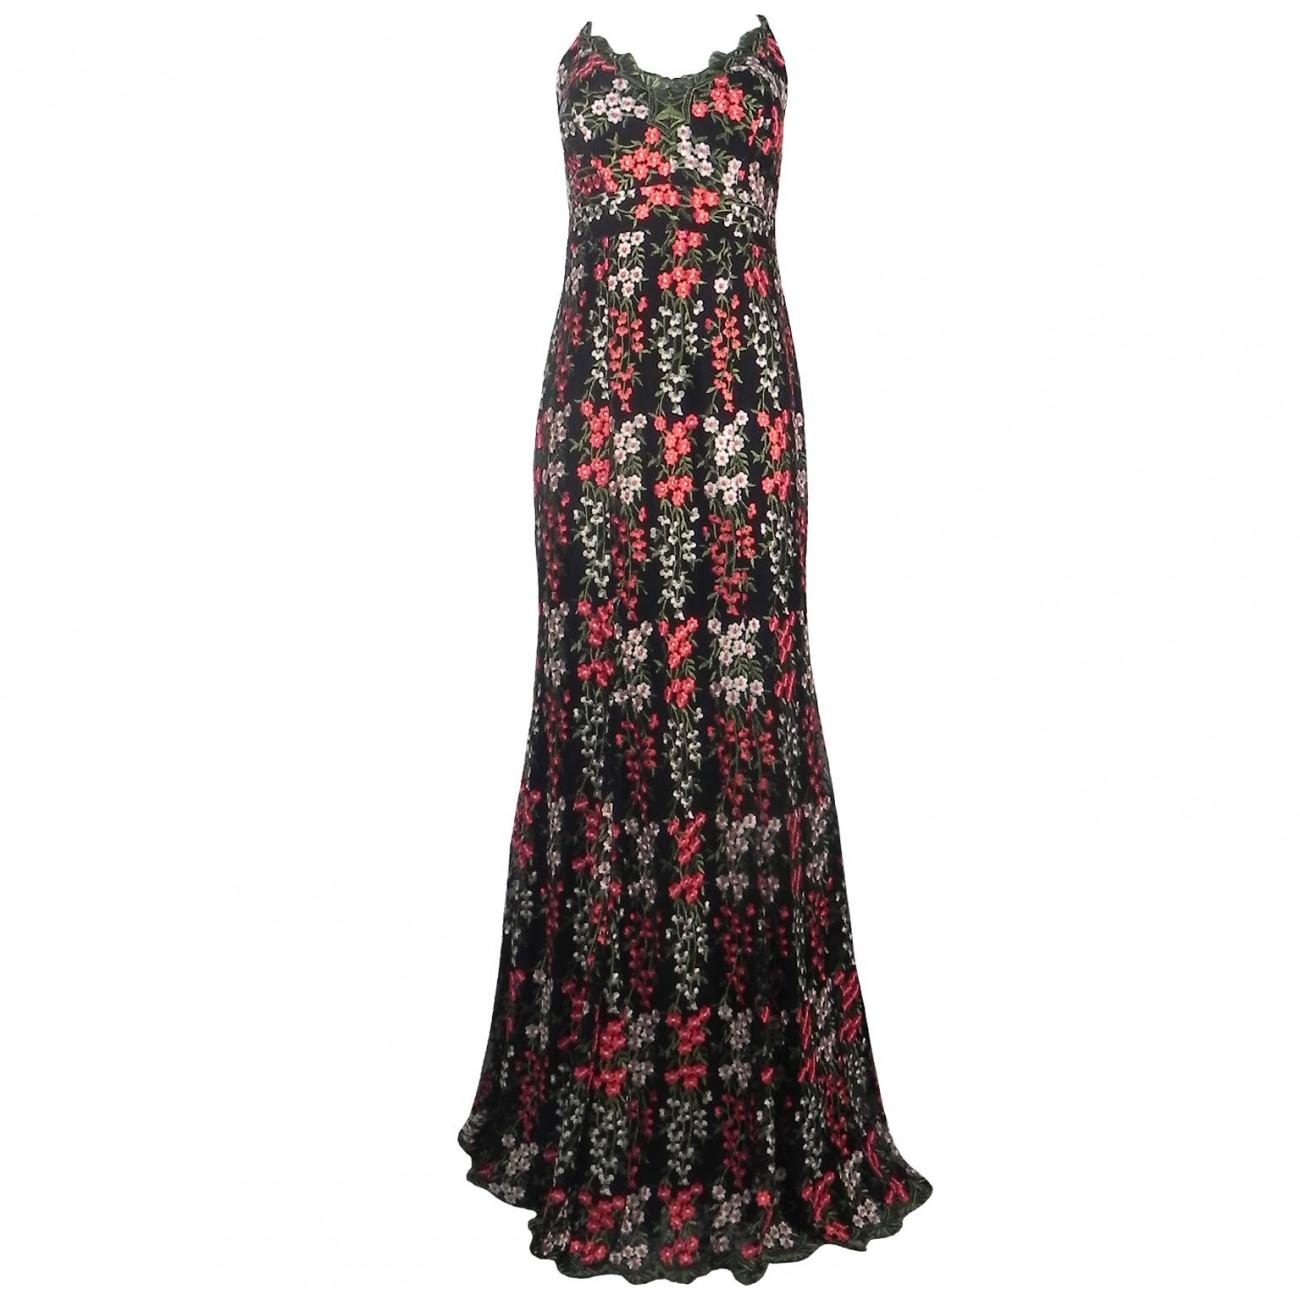 0993852f7 Vestido Longo em Tule Bordado Adoro - Cor Preto com Flores - Pole Modas